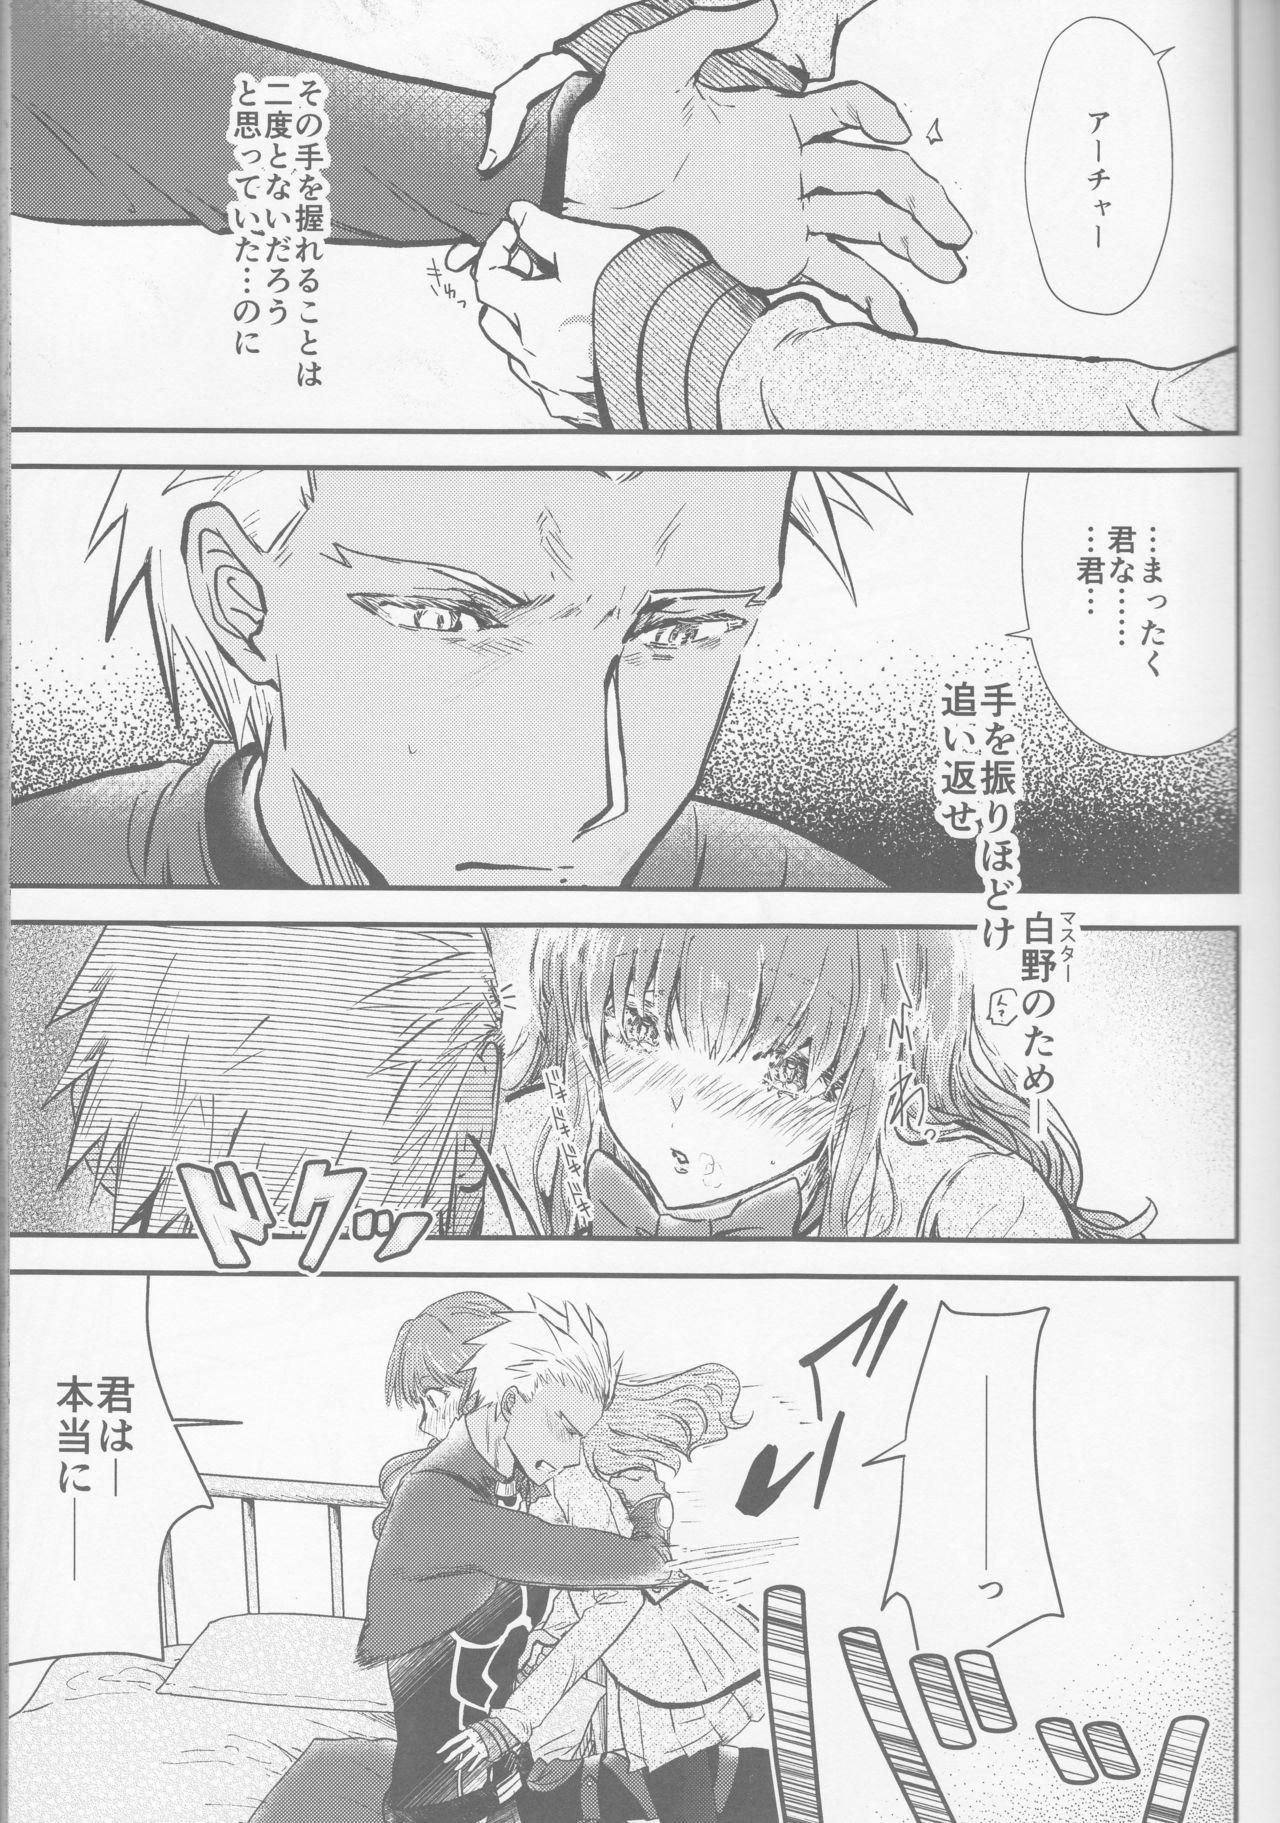 Hokenshitsu Eve Jiriki de Yarasete Kudasai Onegaishimasu 9